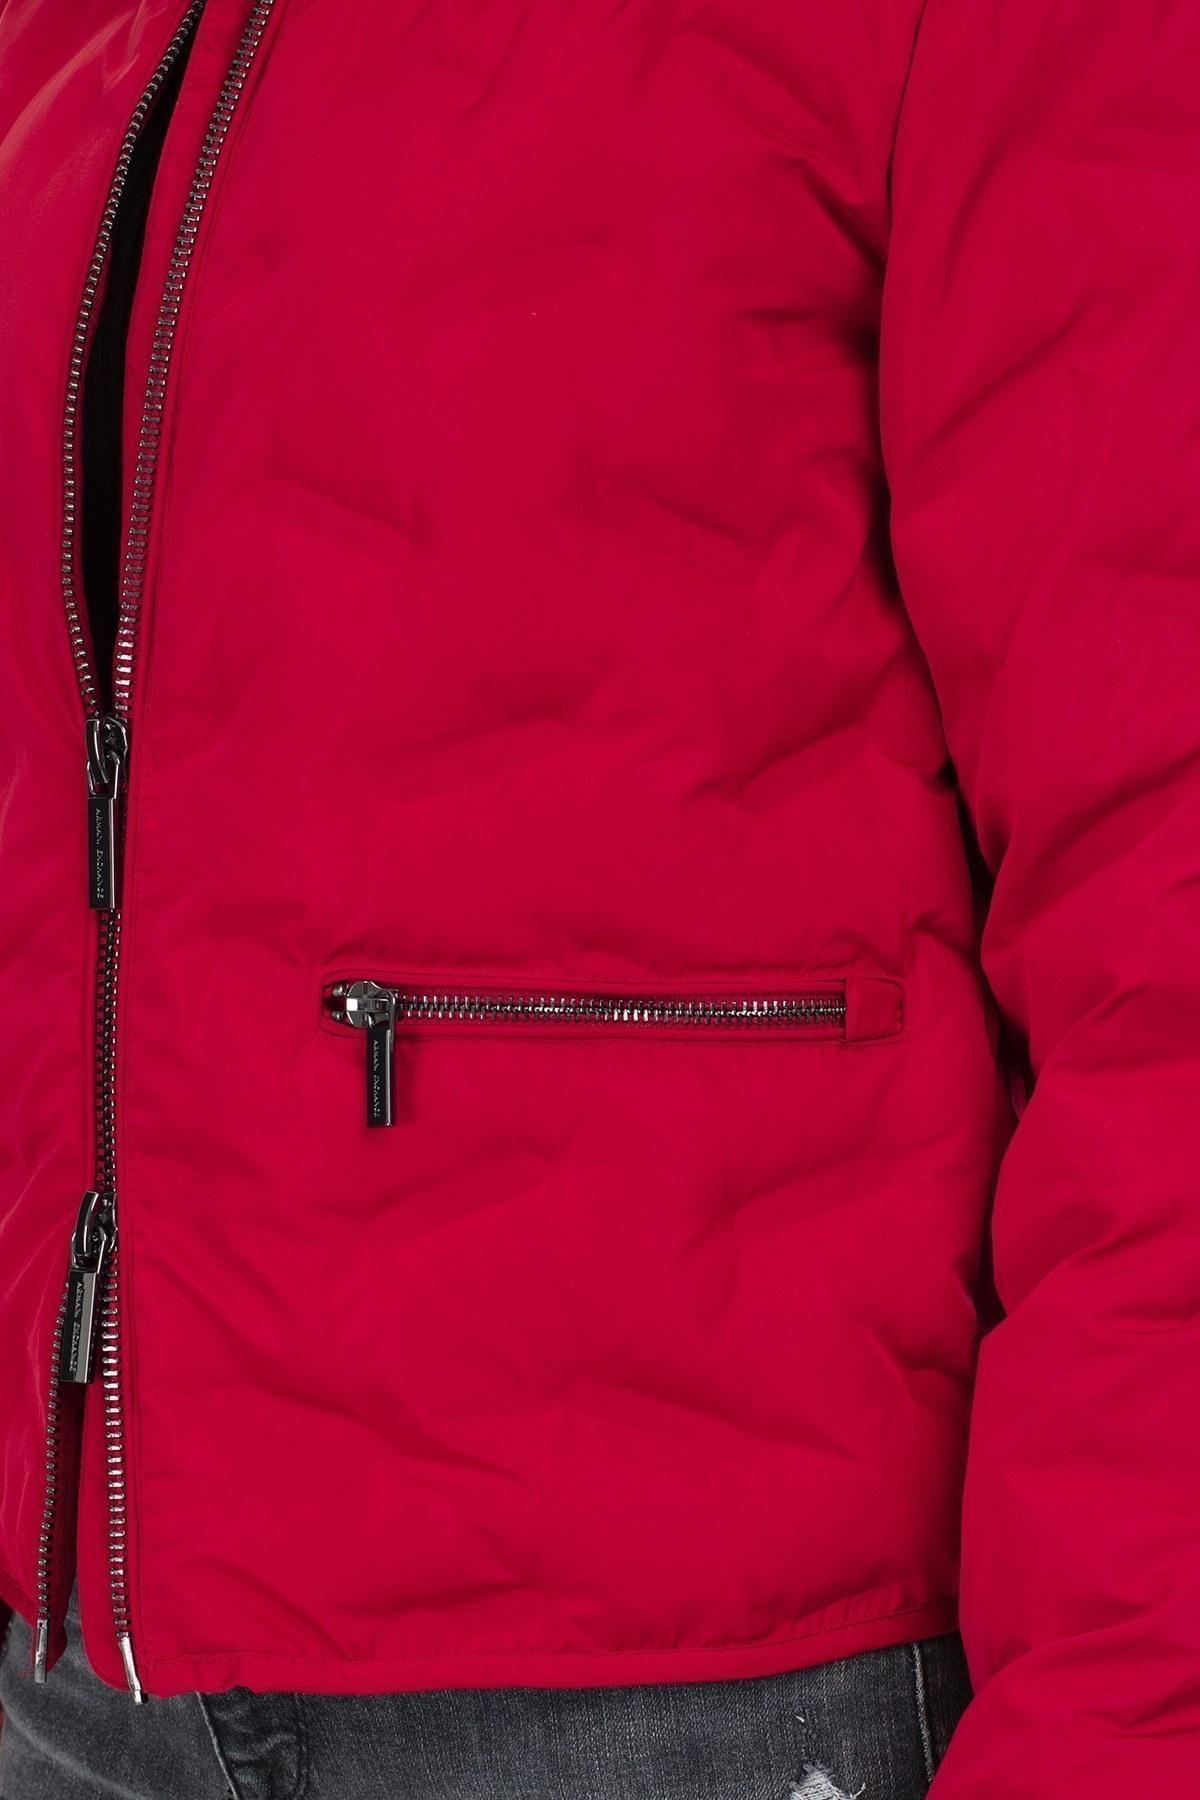 Armani Exchange Logo Baskılı Dik Yaka Kadın Mont 6GYB05 YNNCZ 1469 KIRMIZI